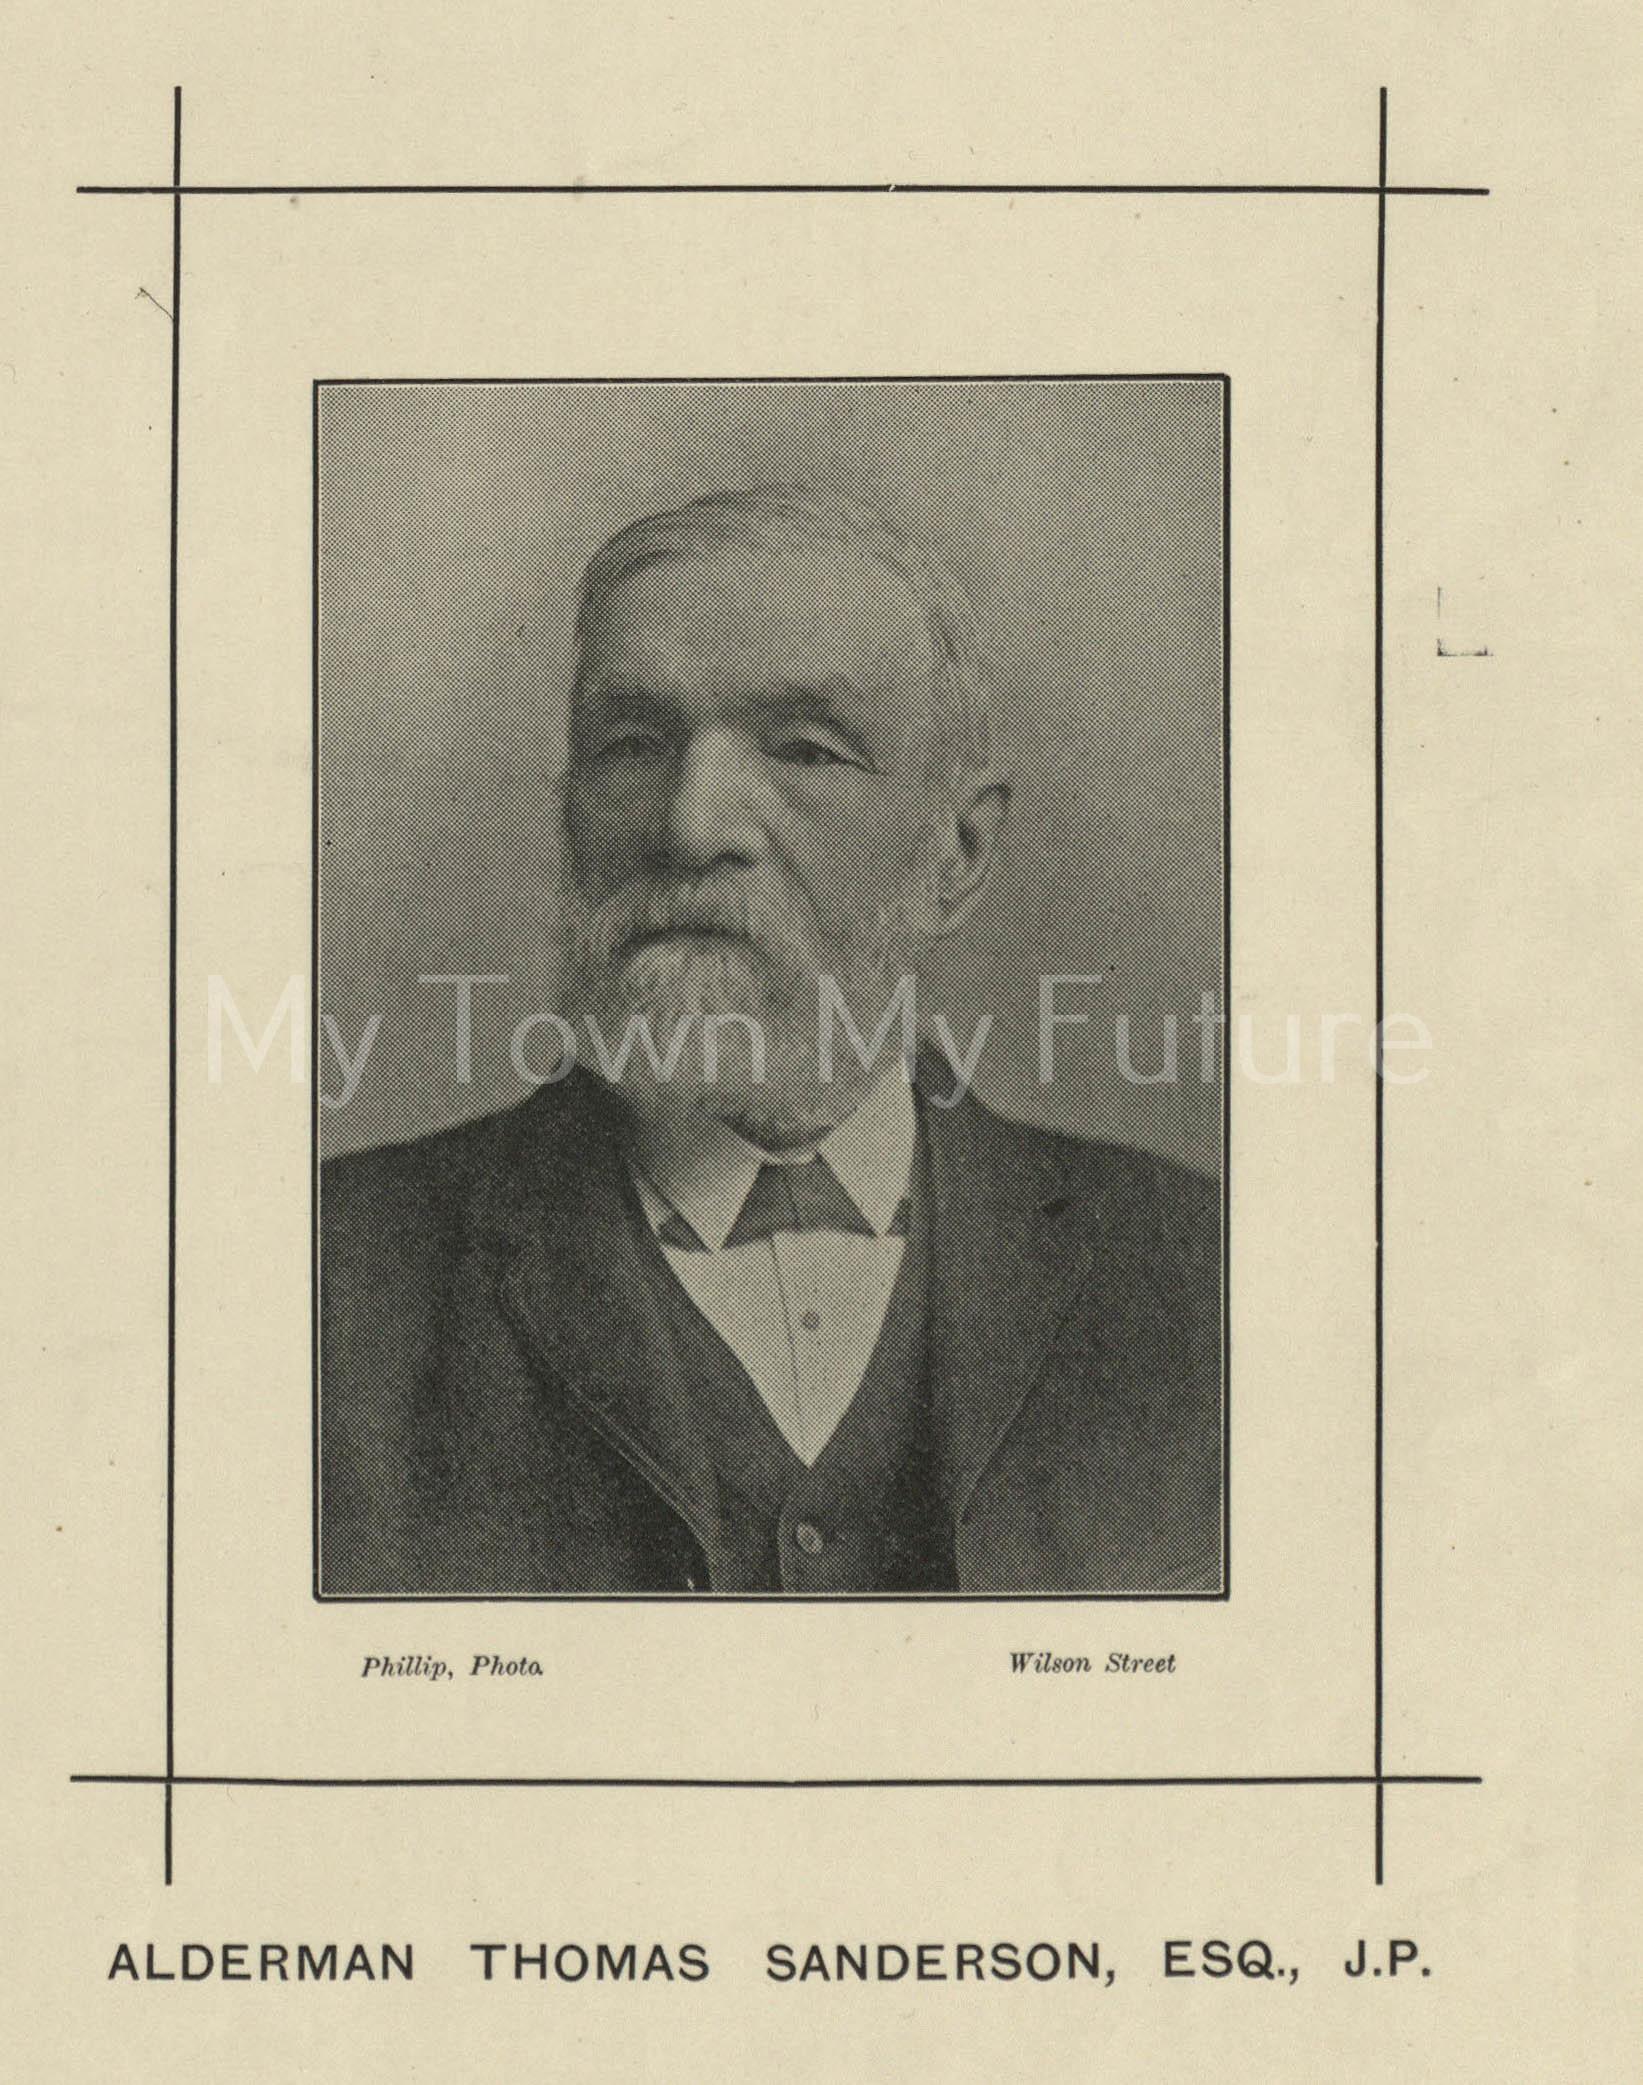 Alderman Thomas Sanderson